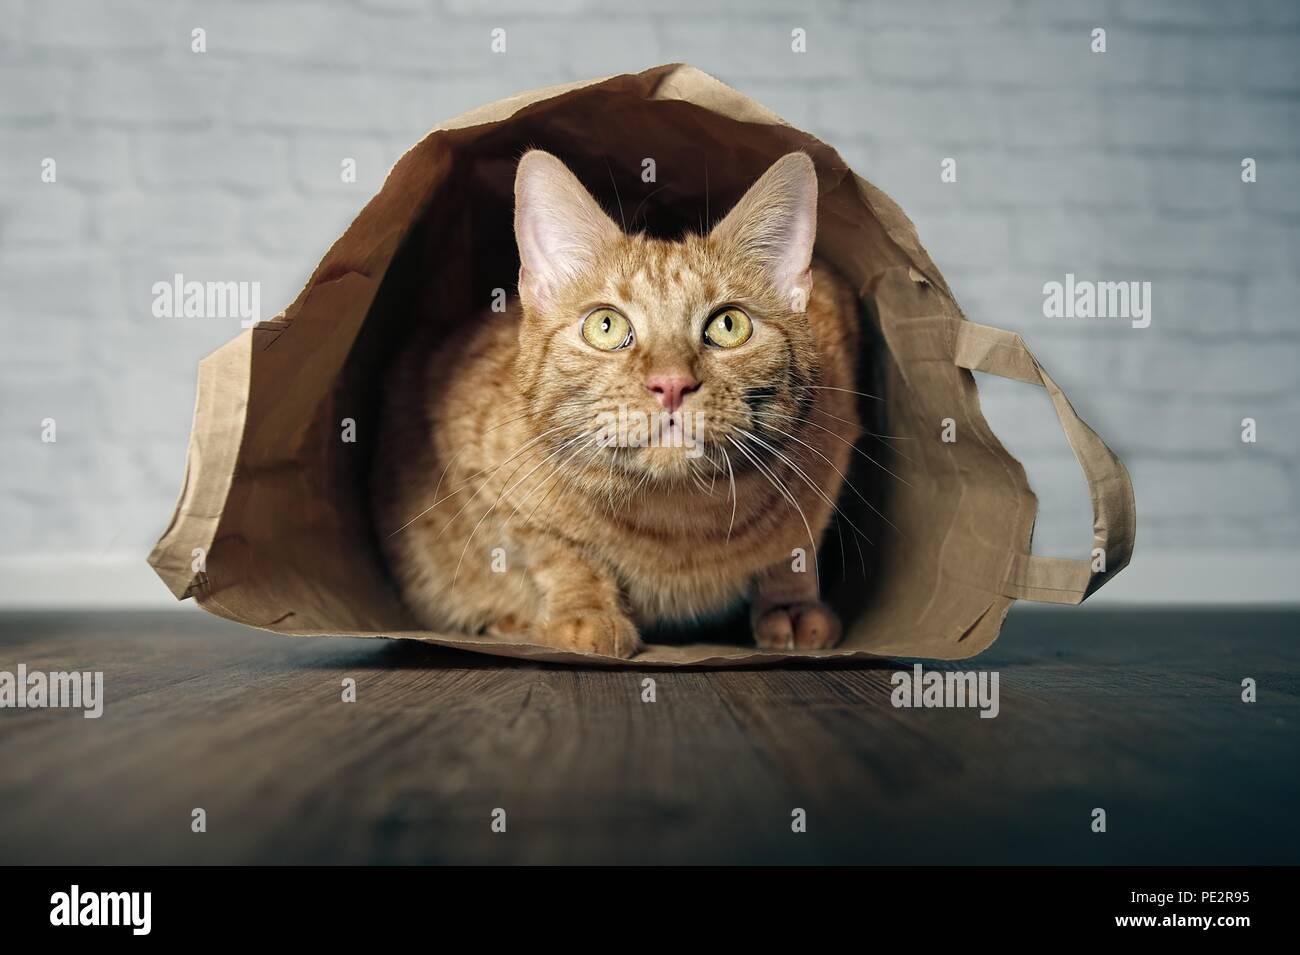 Jengibre lindo gato tumbado en una bolsa de papel y curiosos mirando hacia arriba. Foto de stock